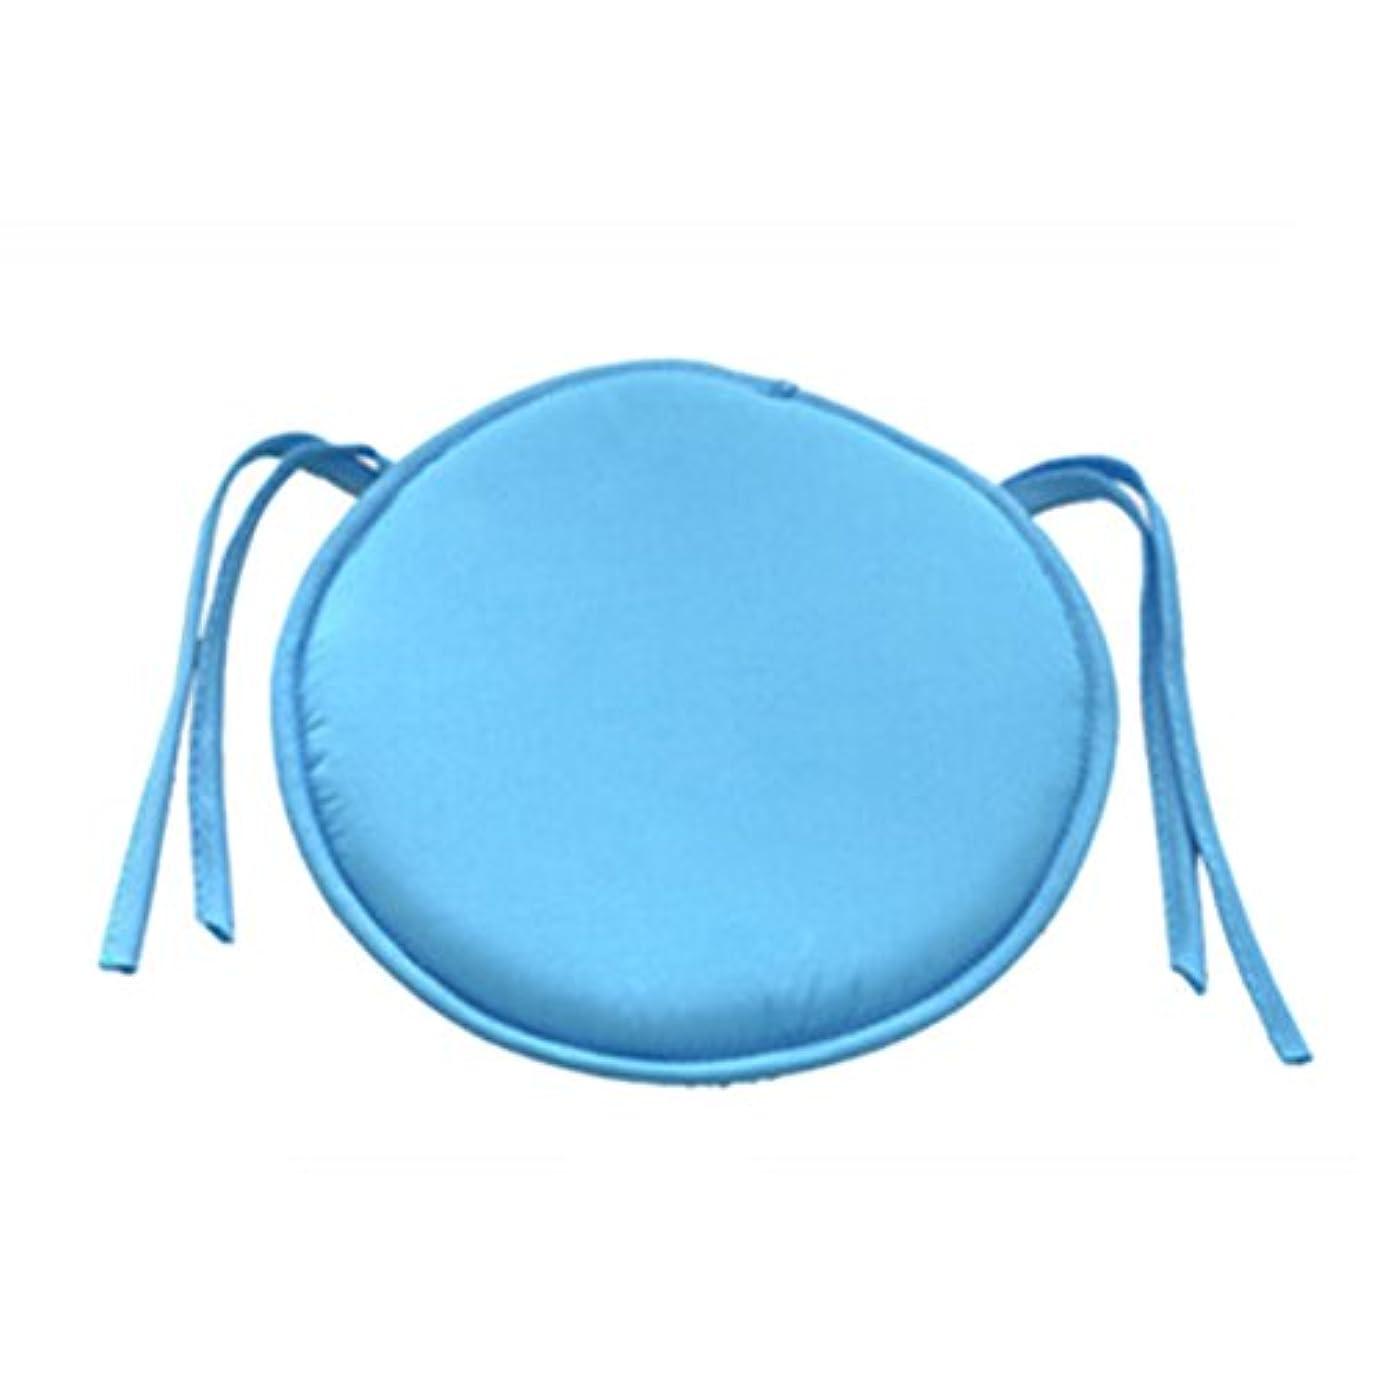 メドレー塩辛い脚LIFE ホット販売ラウンドチェアクッション屋内ポップパティオオフィスチェアシートパッドネクタイスクエアガーデンキッチンダイニングクッション クッション 椅子